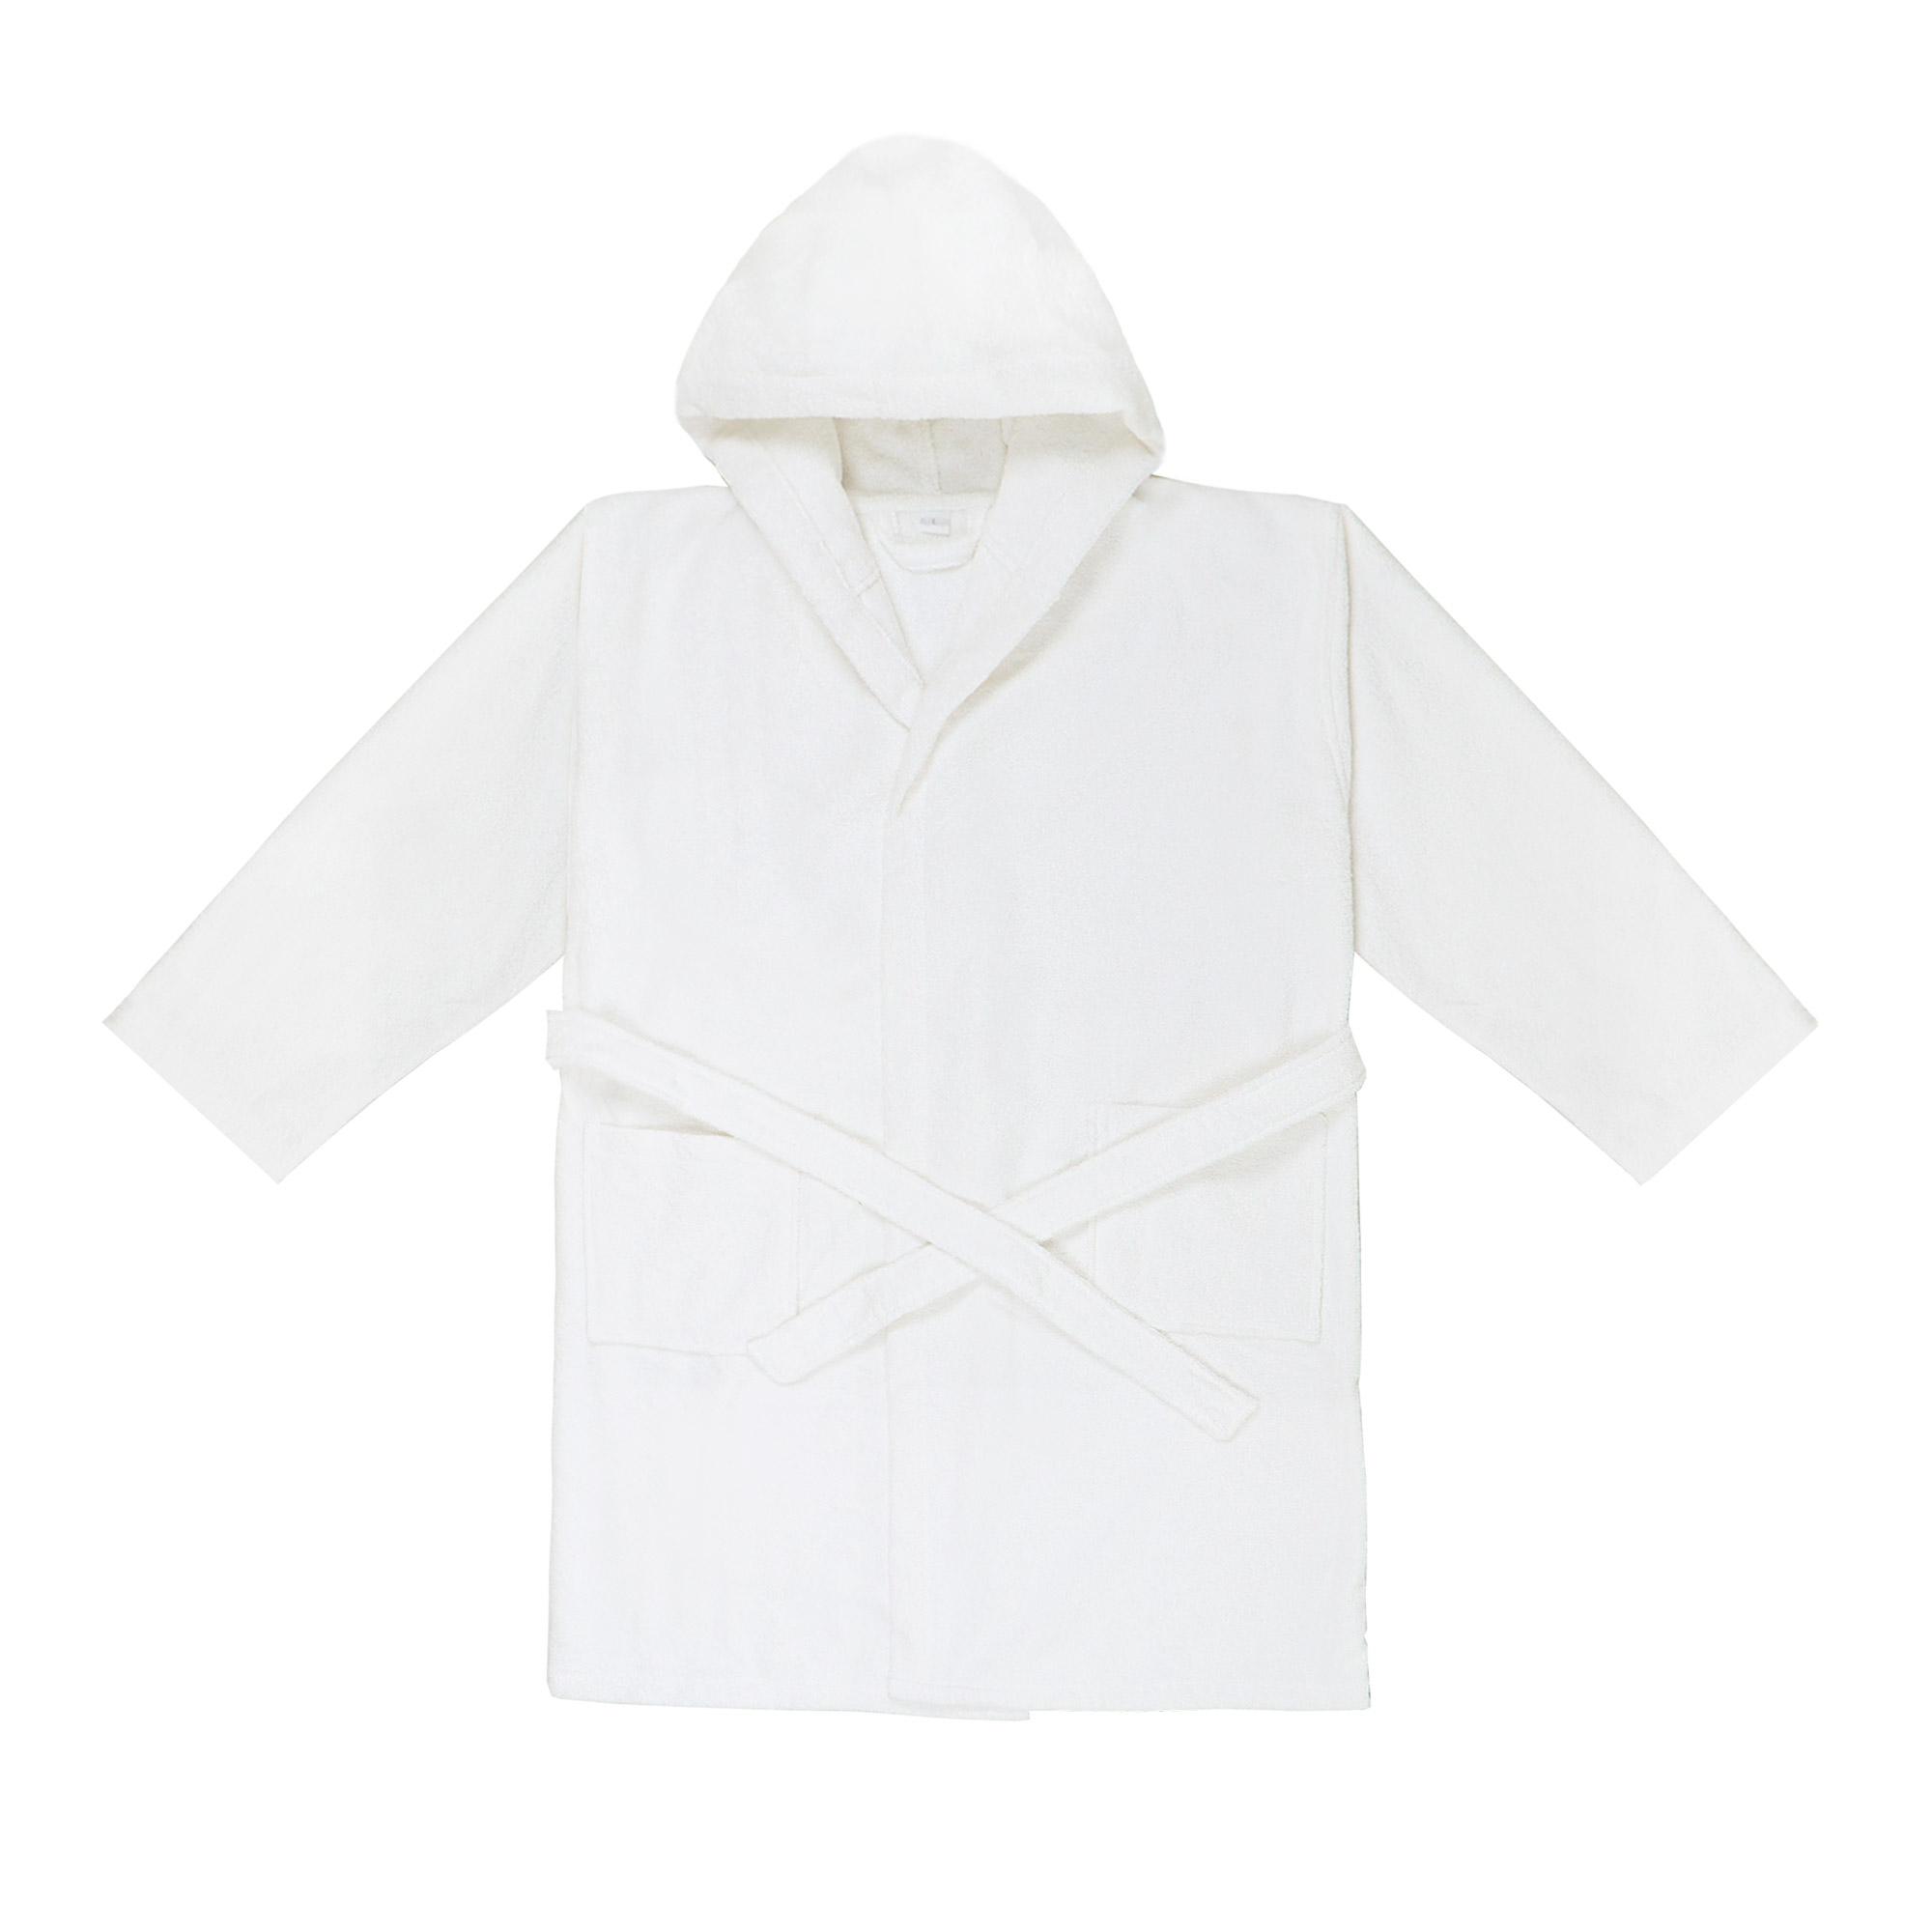 Халат Bahar короткий махровый белый размер xl фото